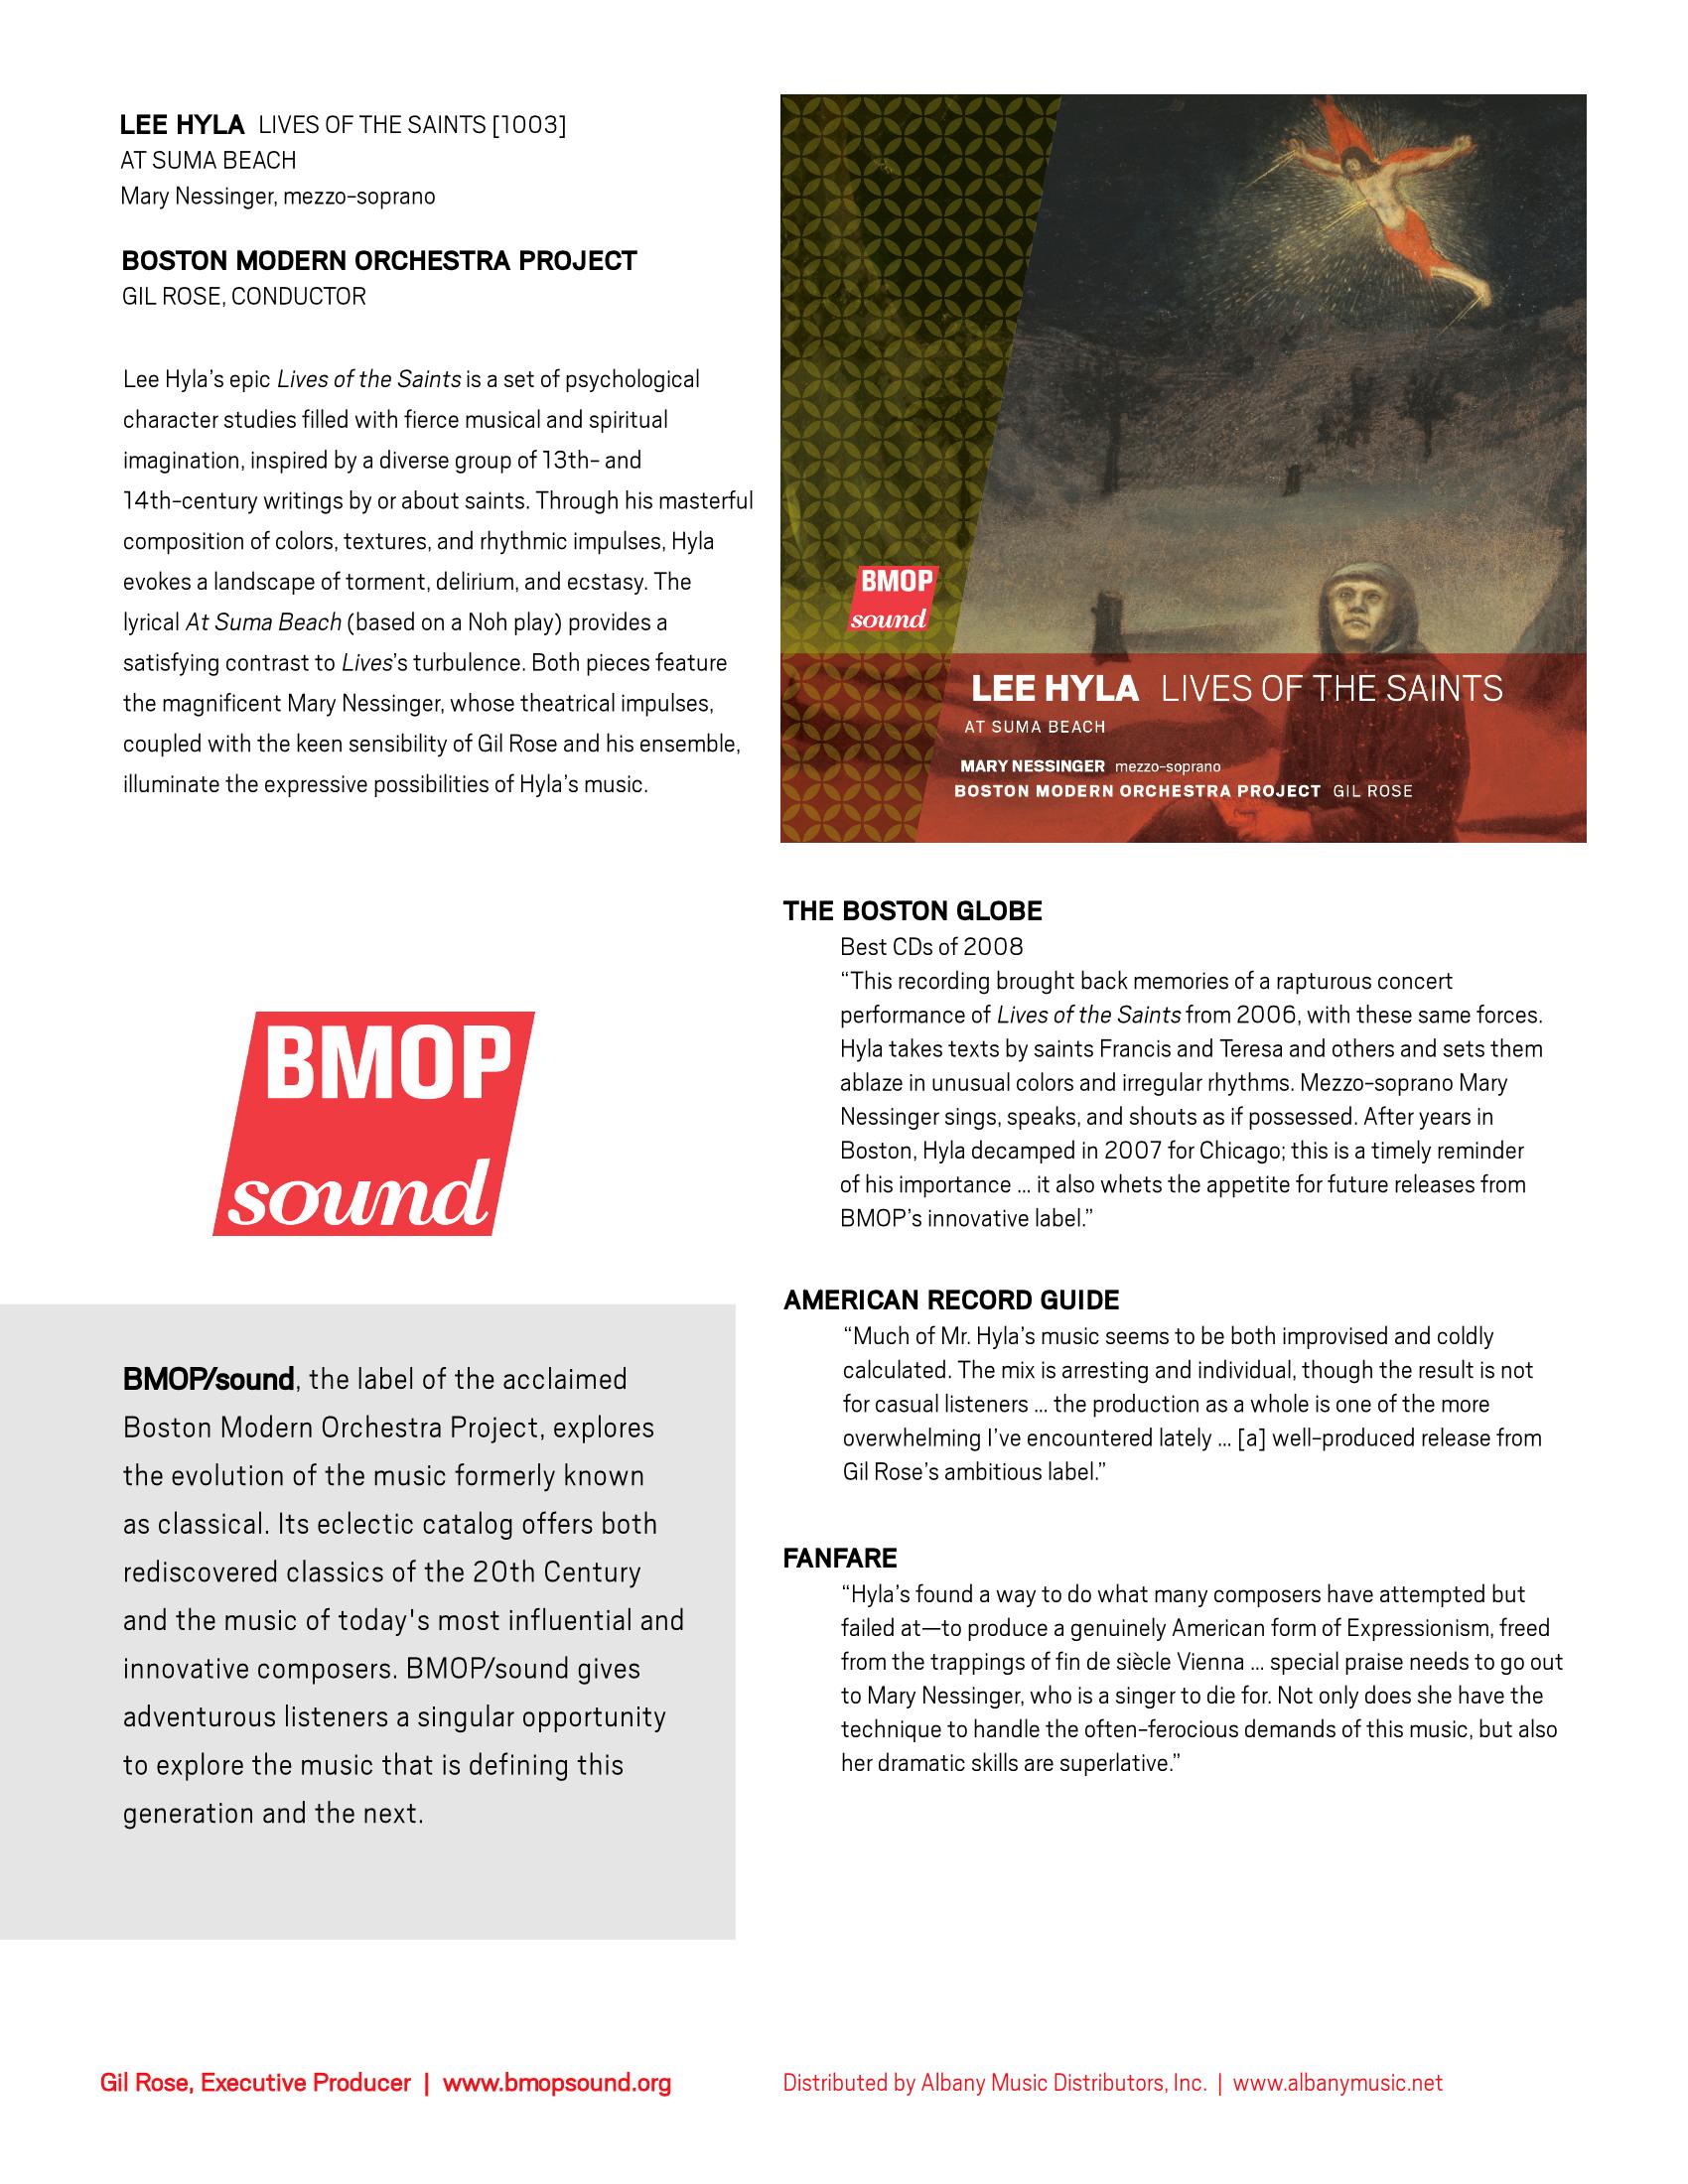 Hyla - BMOPsound 1003 one-sheet.png